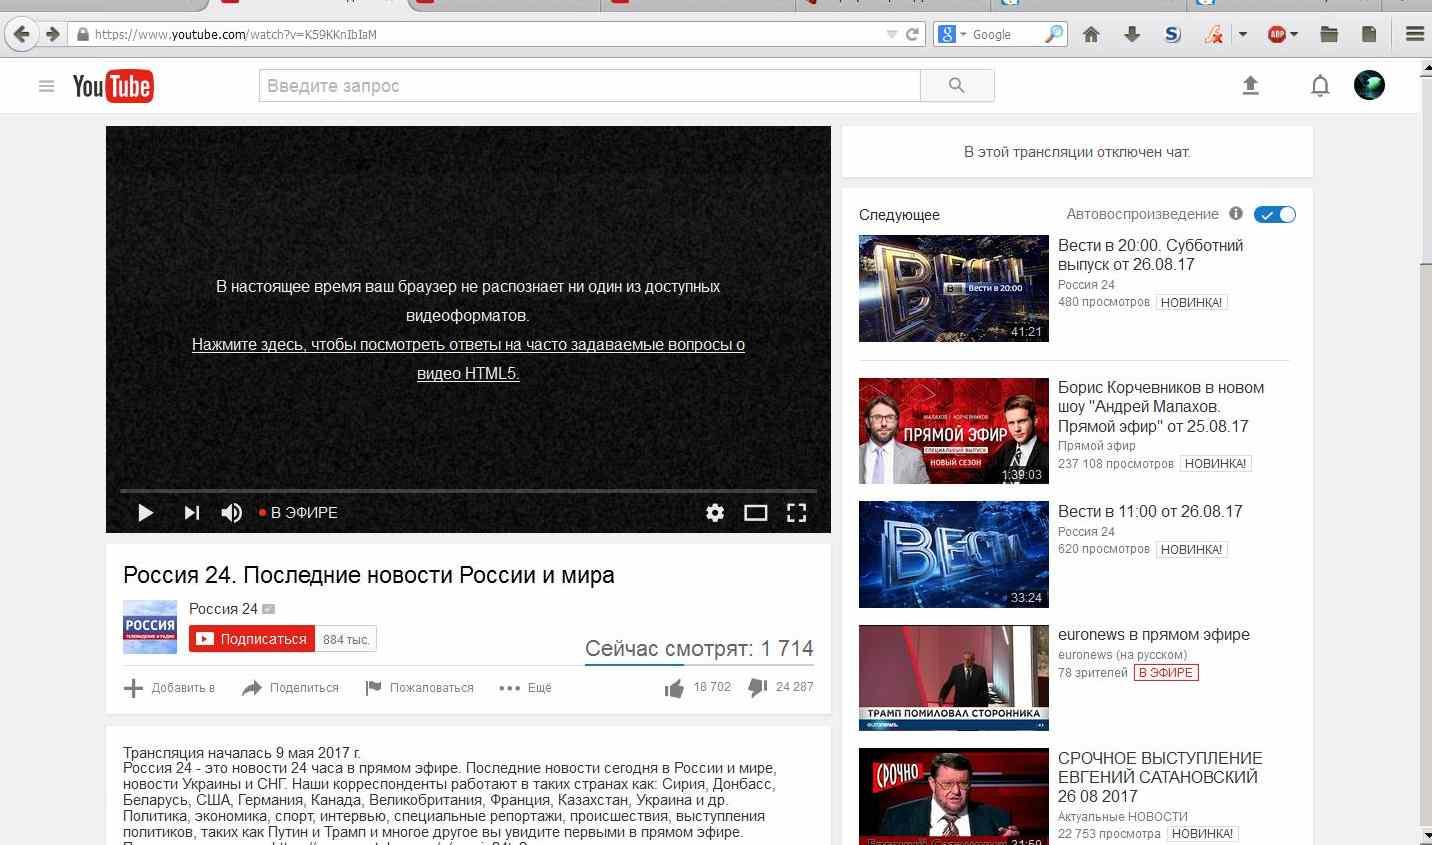 http://i2.imageban.ru/out/2017/08/26/f034c70815240171e976928a39132600.jpg